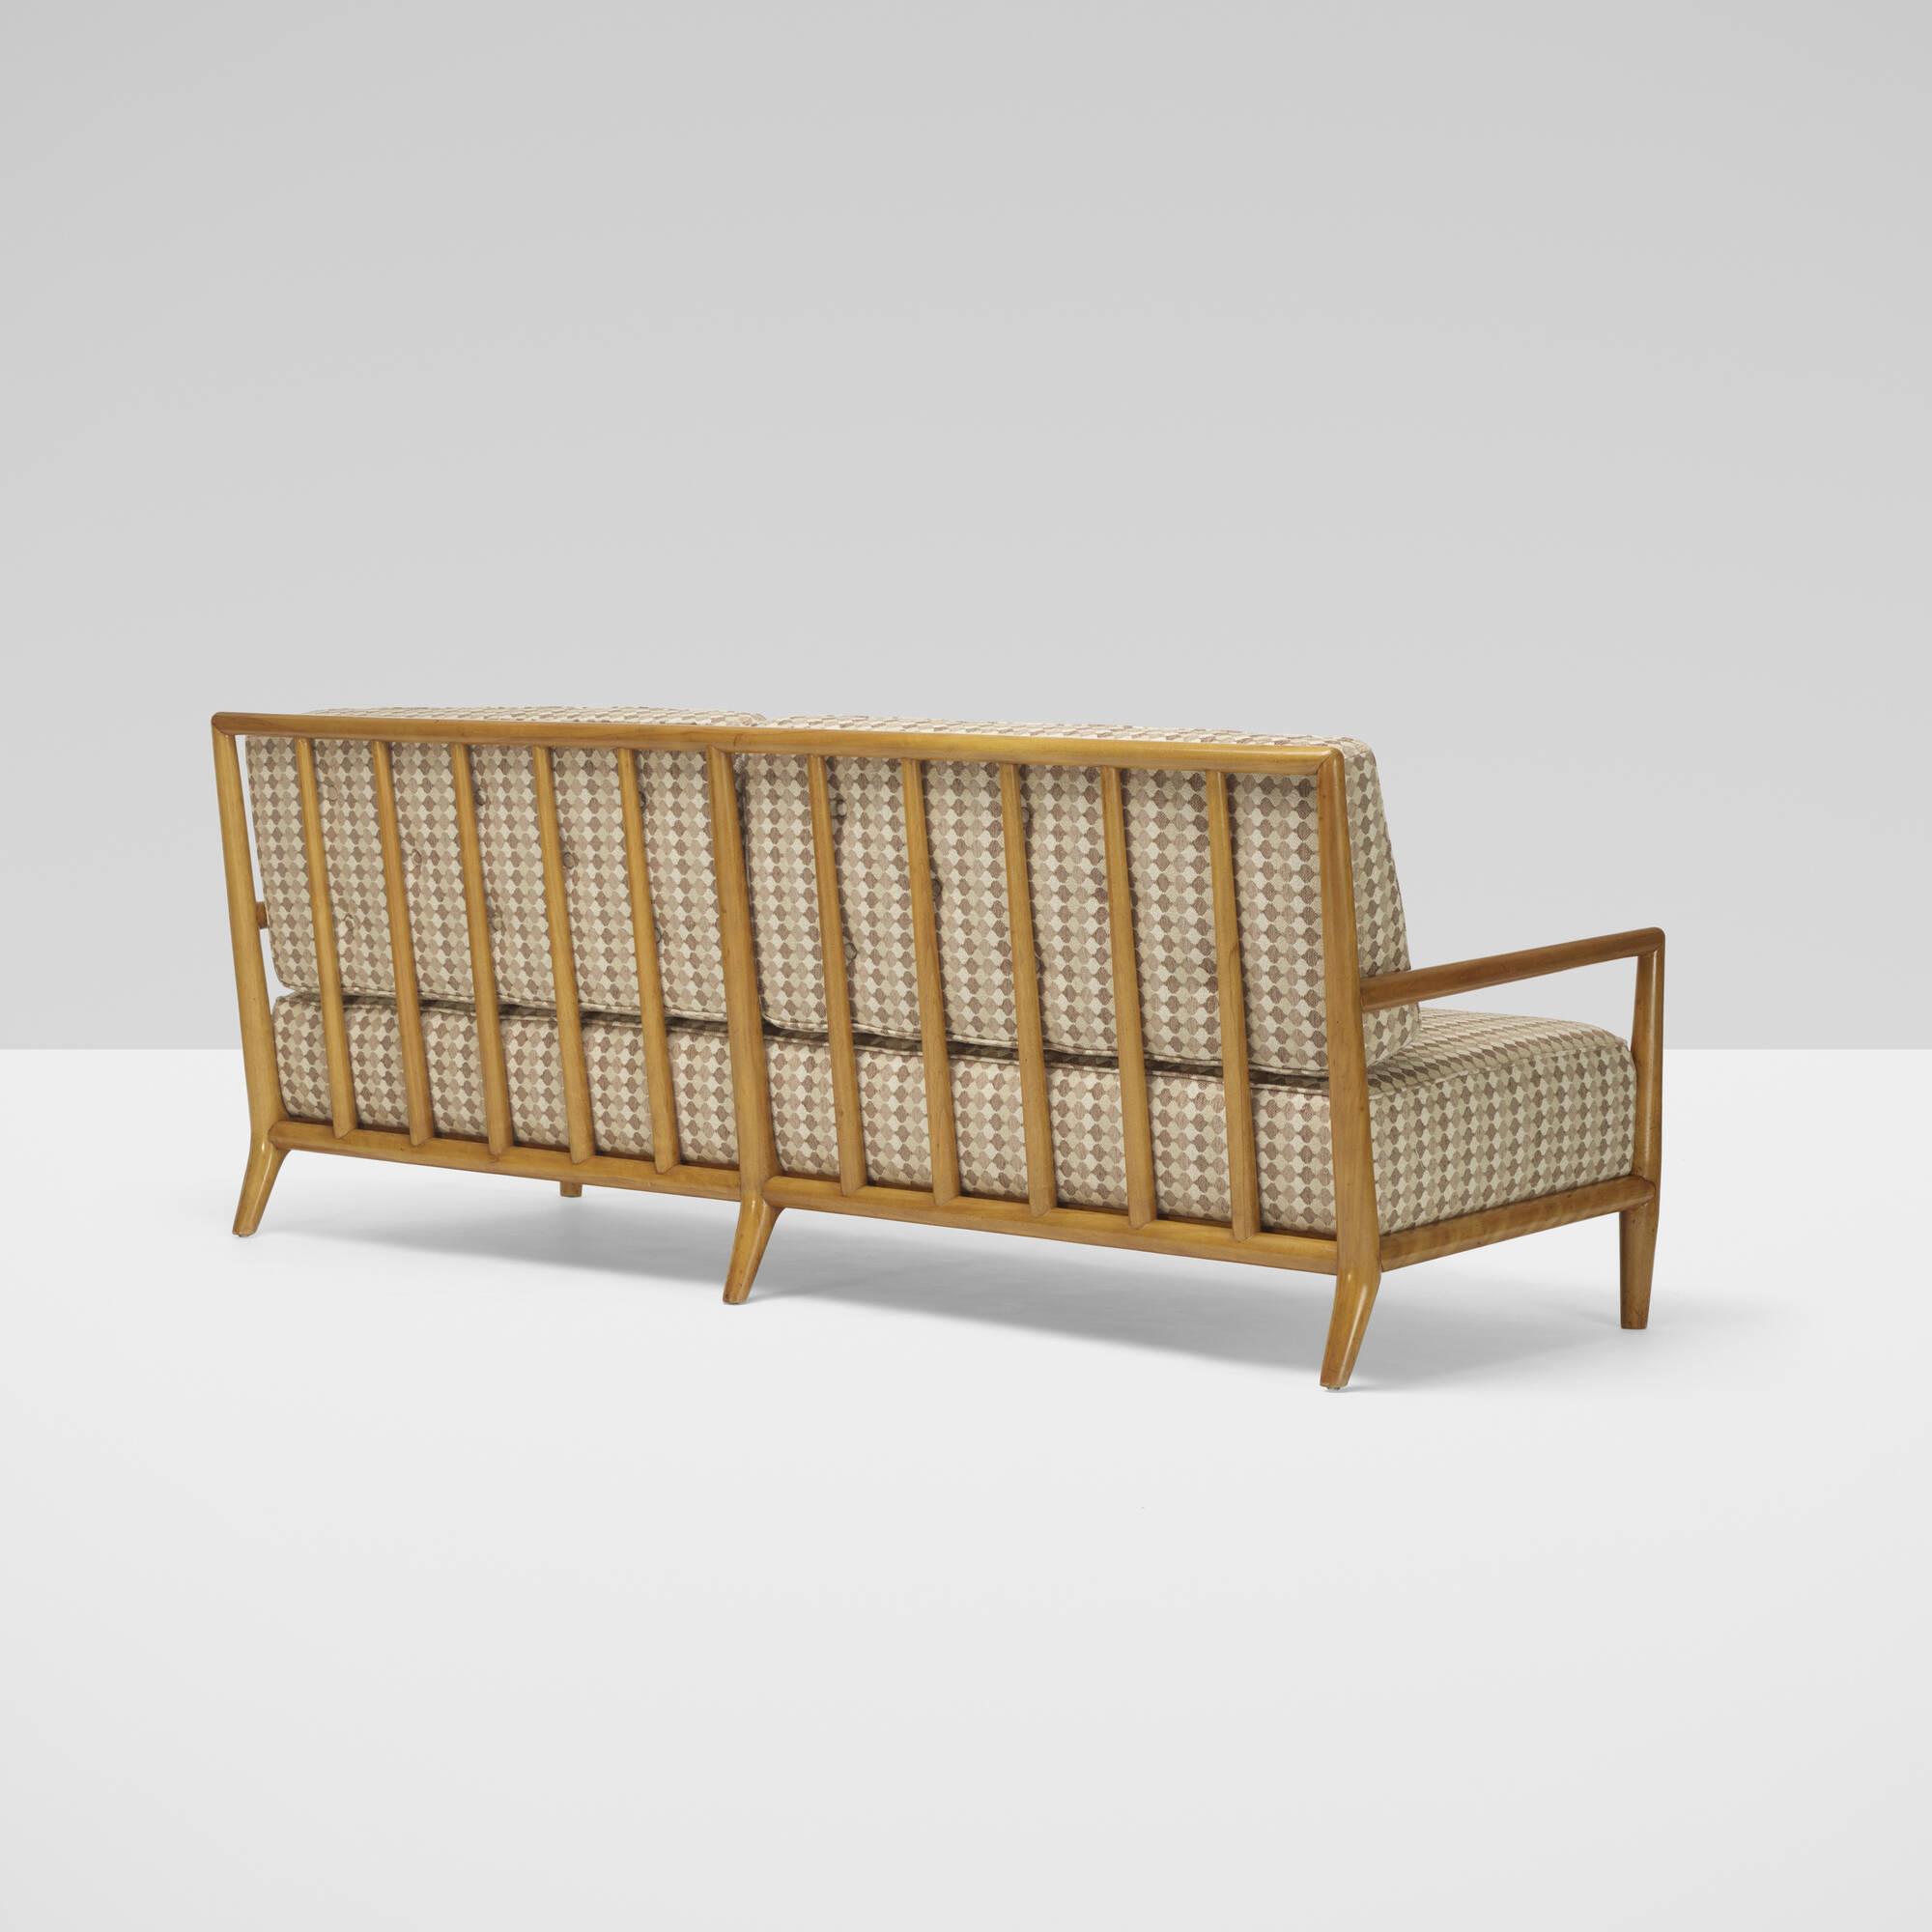 297: T.H. Robsjohn-Gibbings / sofa, model 1678 (1 of 2)